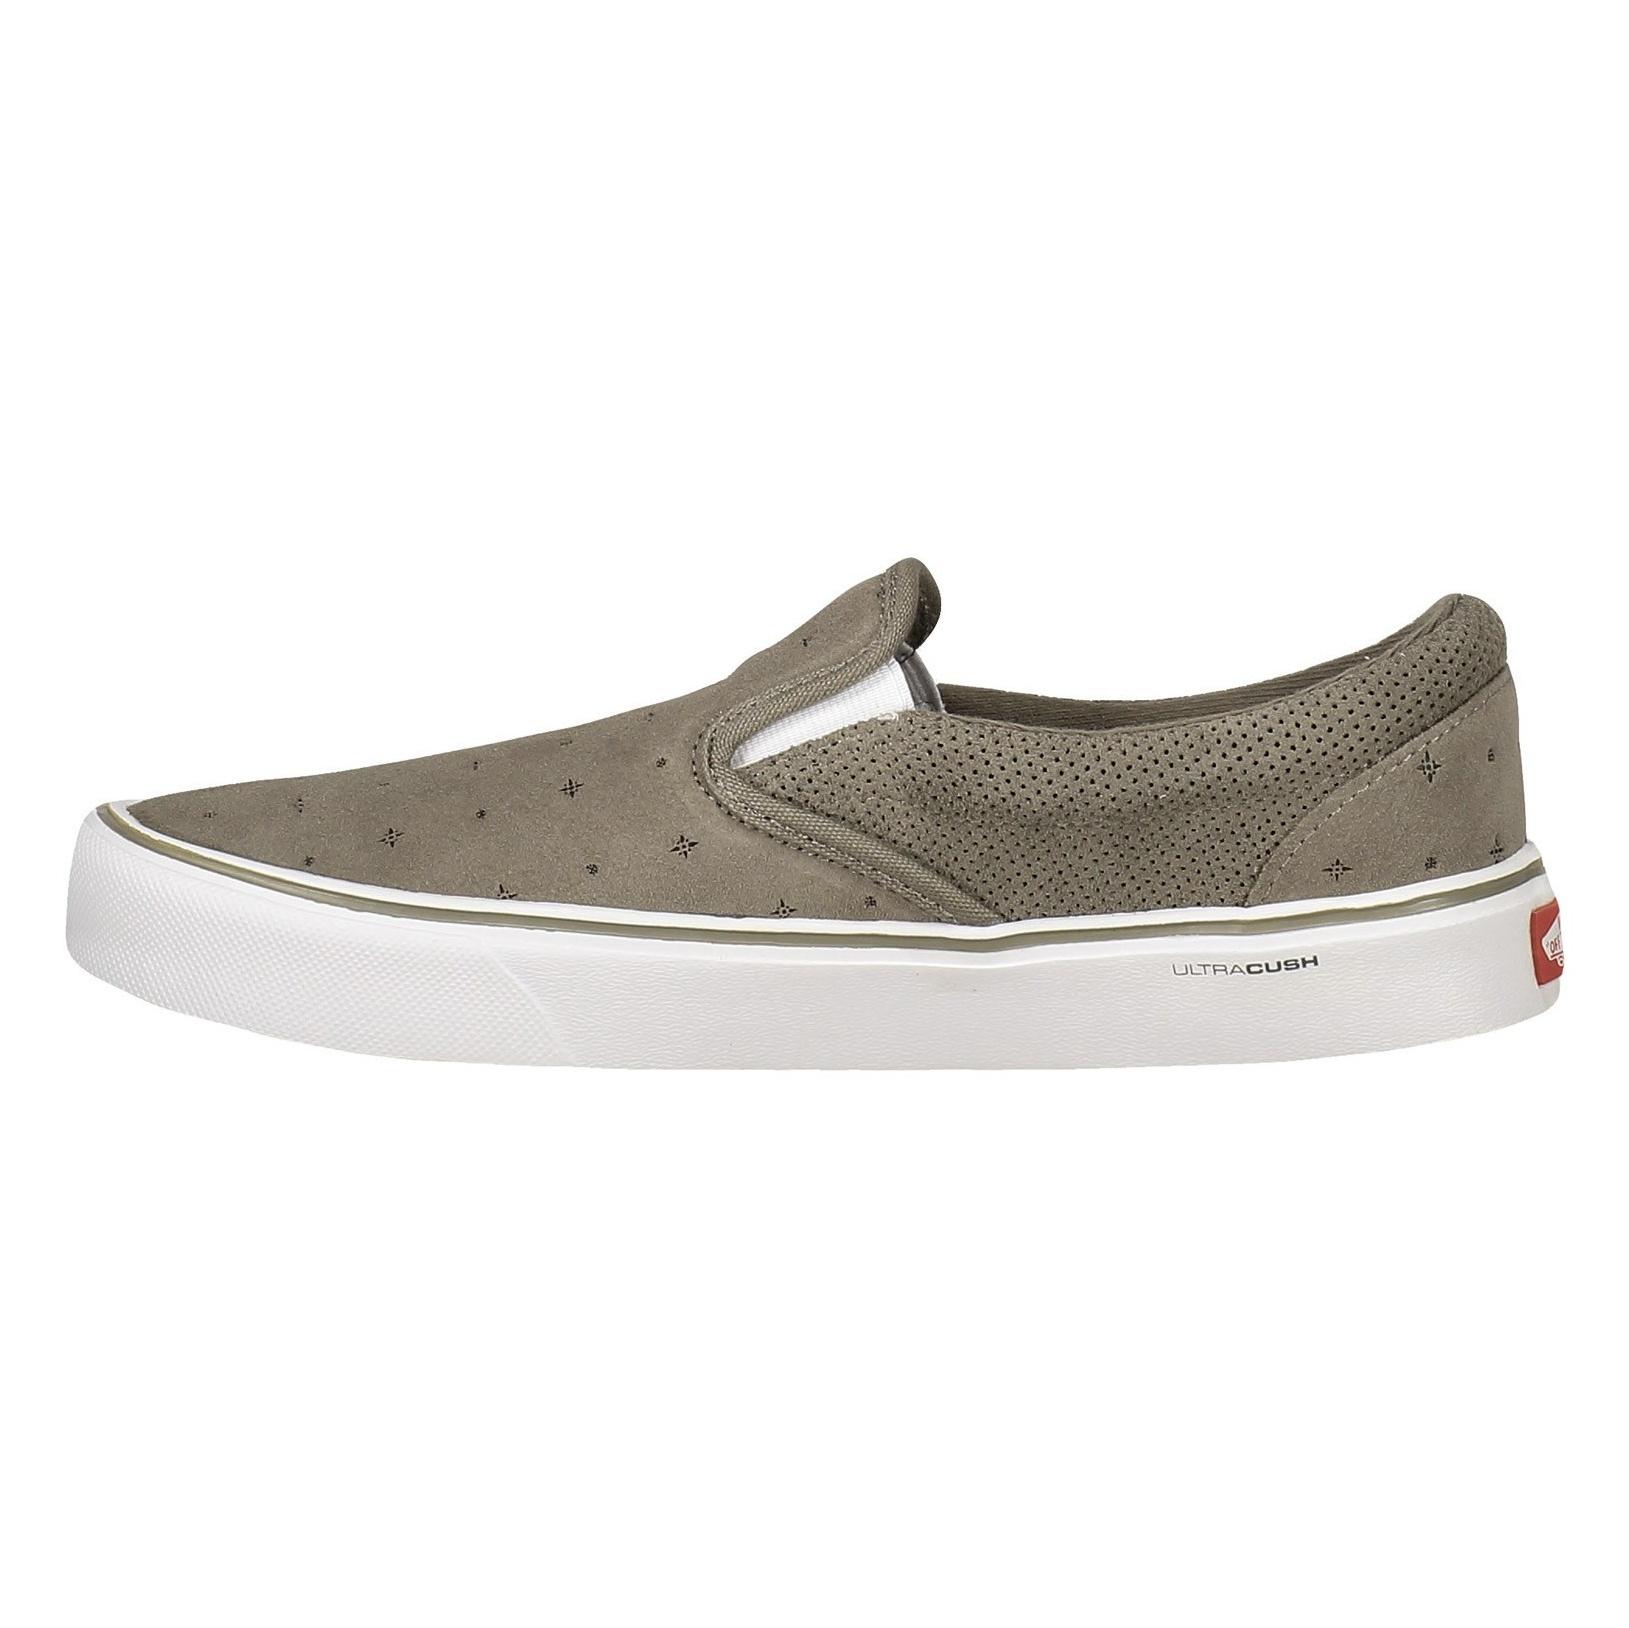 کفش راحتی مردانه Slip On Lite - ونس - طوسي  - 3